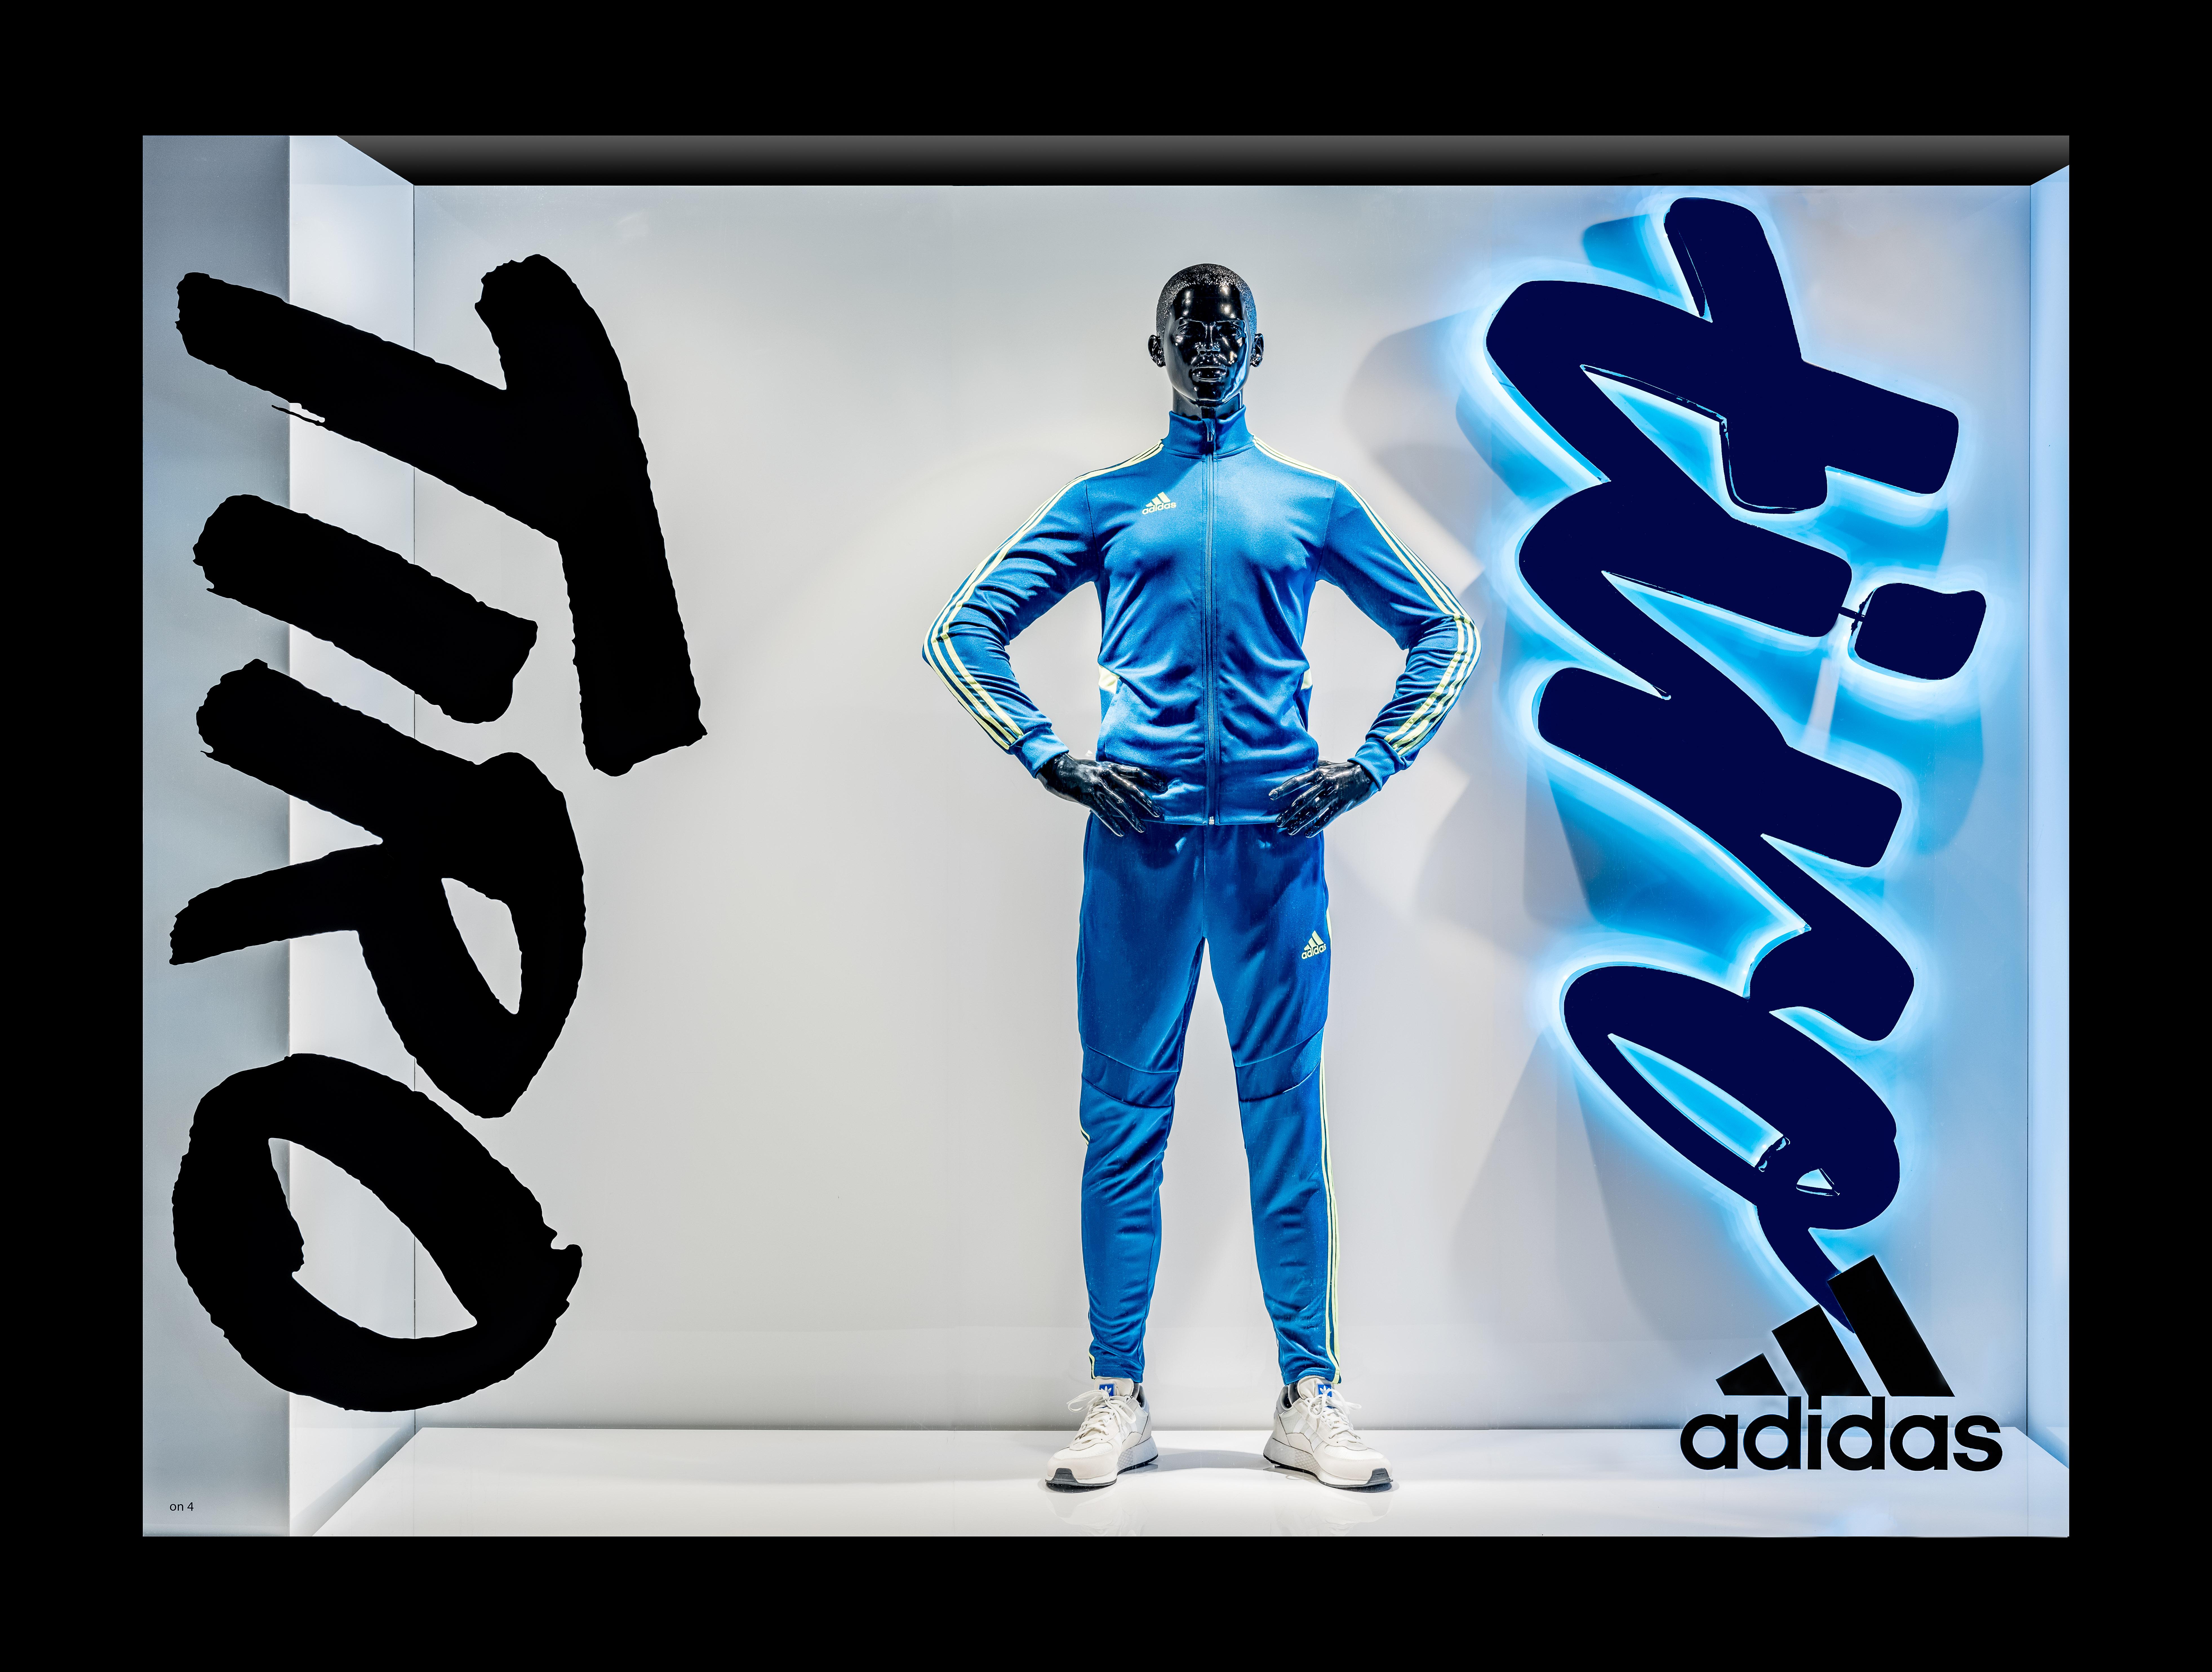 Adidas-06